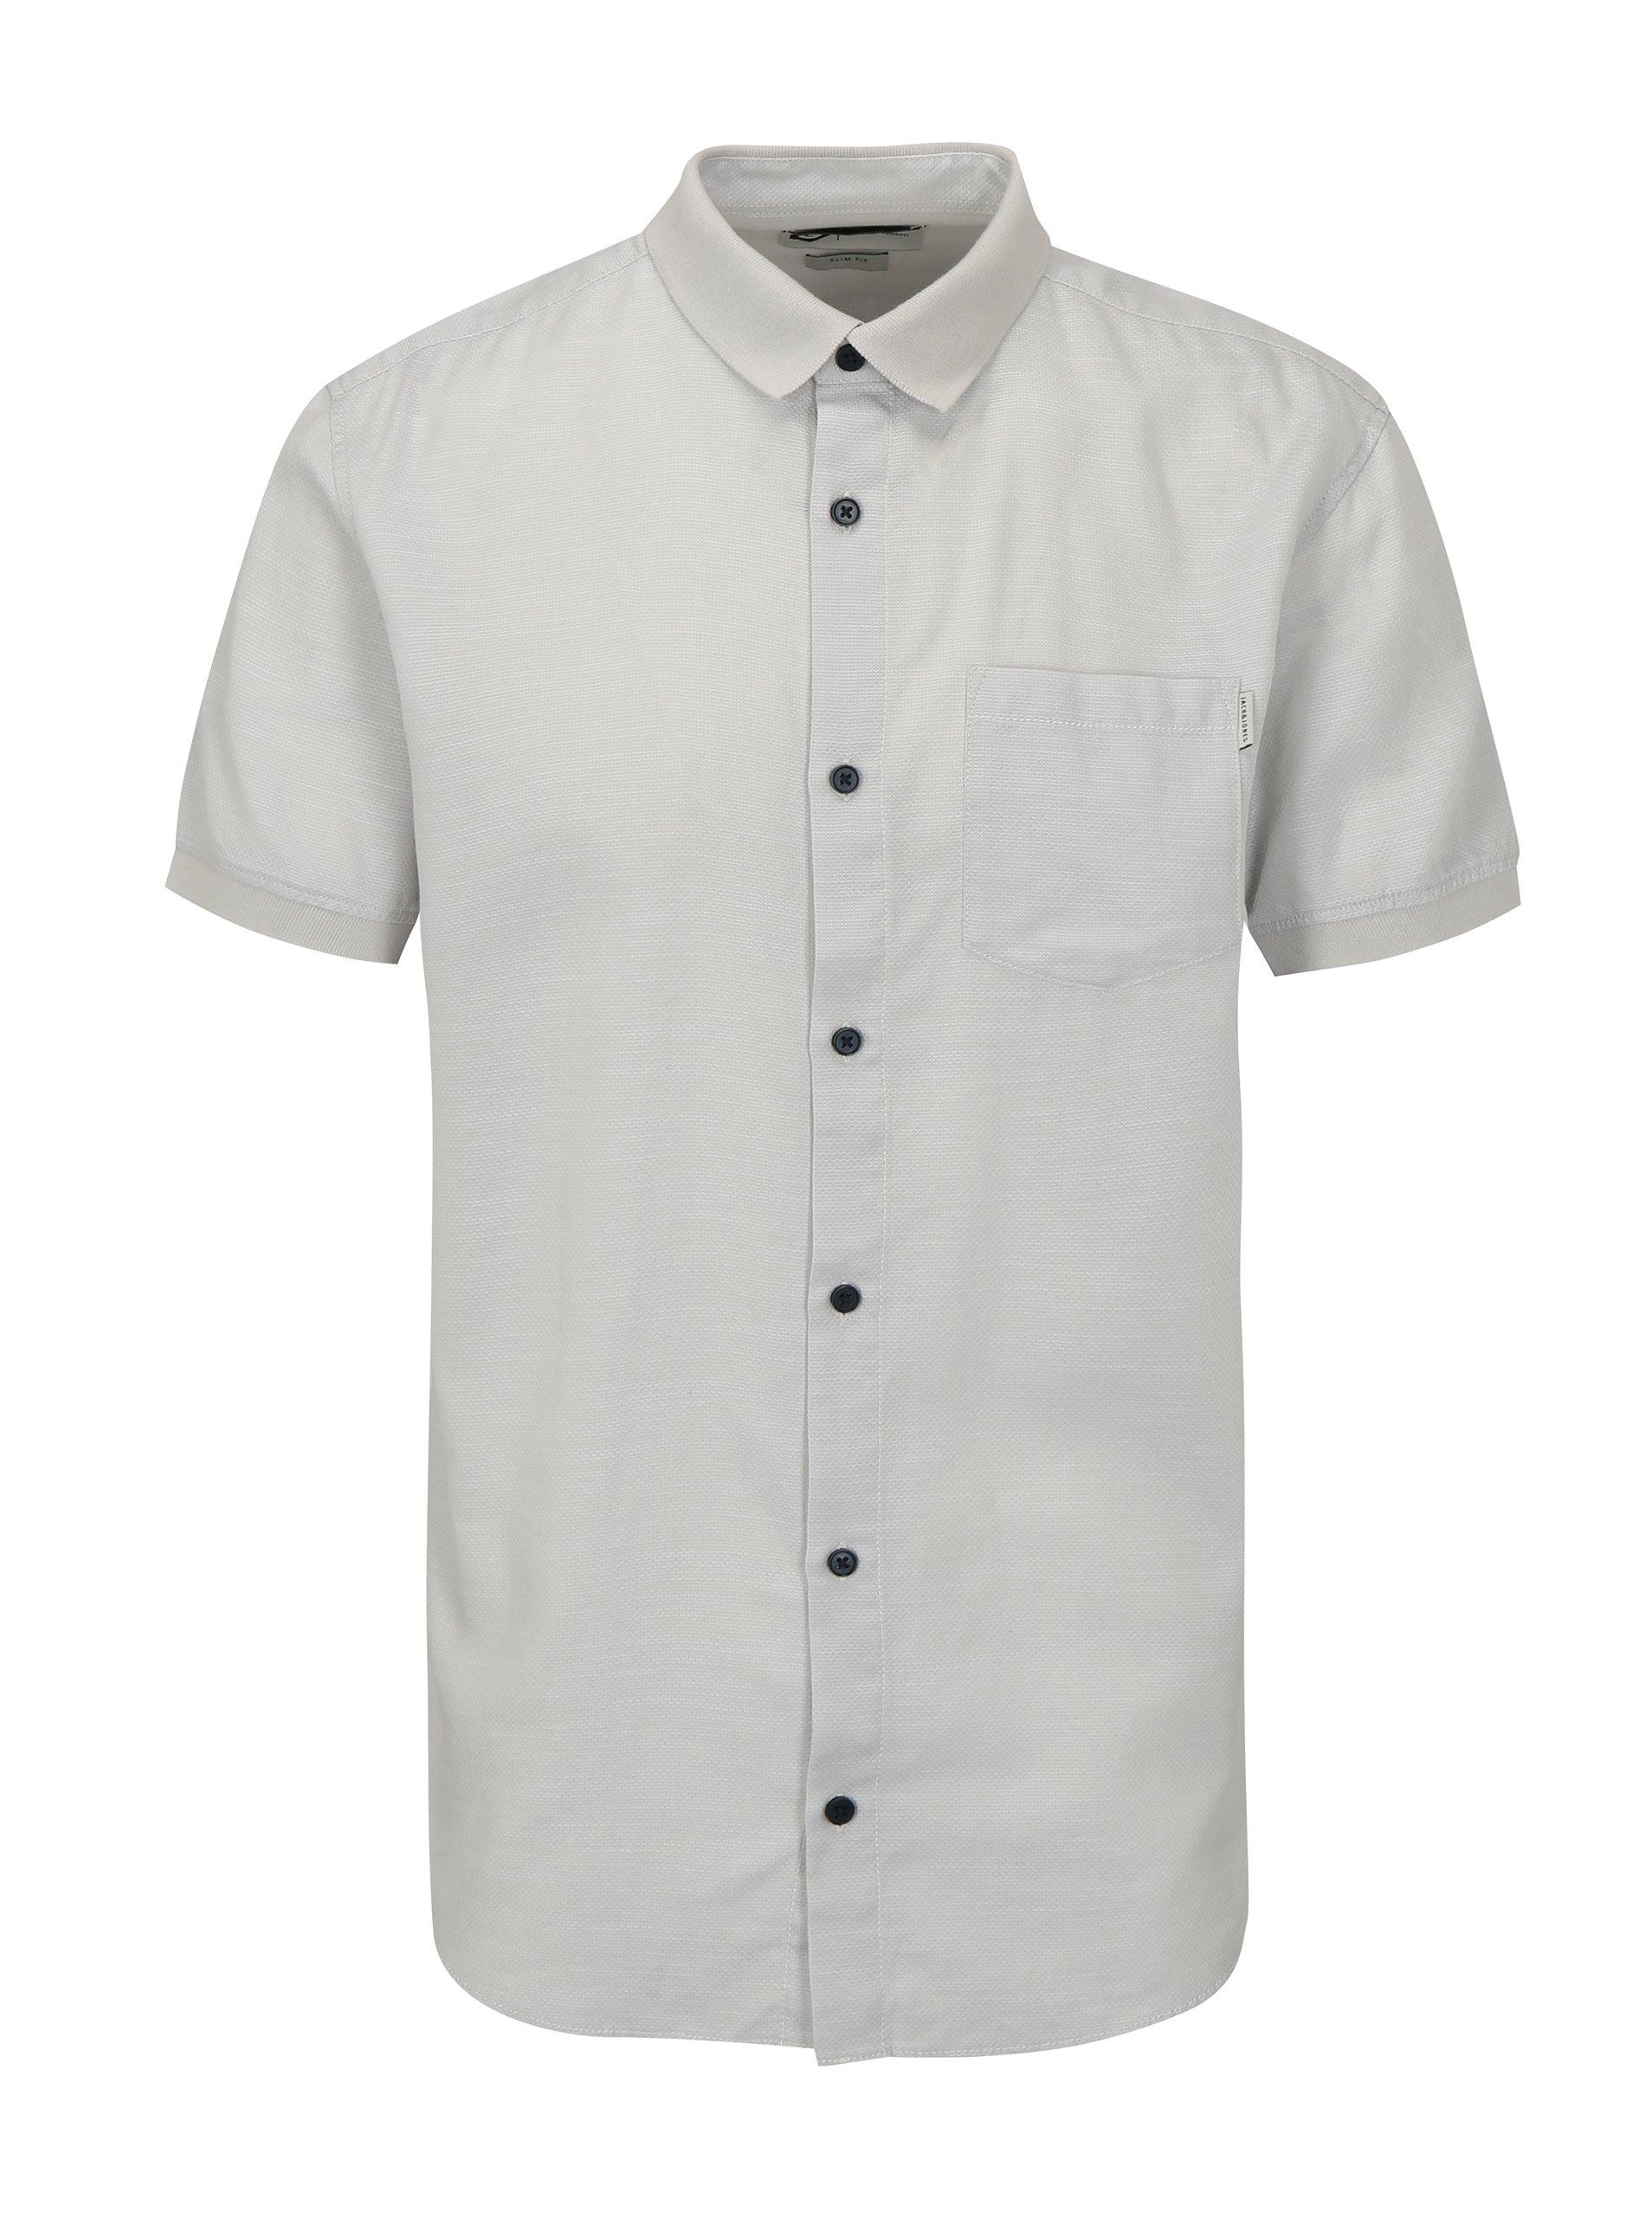 Světle šedá slim fit košile s náprsní kapsou Jack   Jones Glendale 823a937250